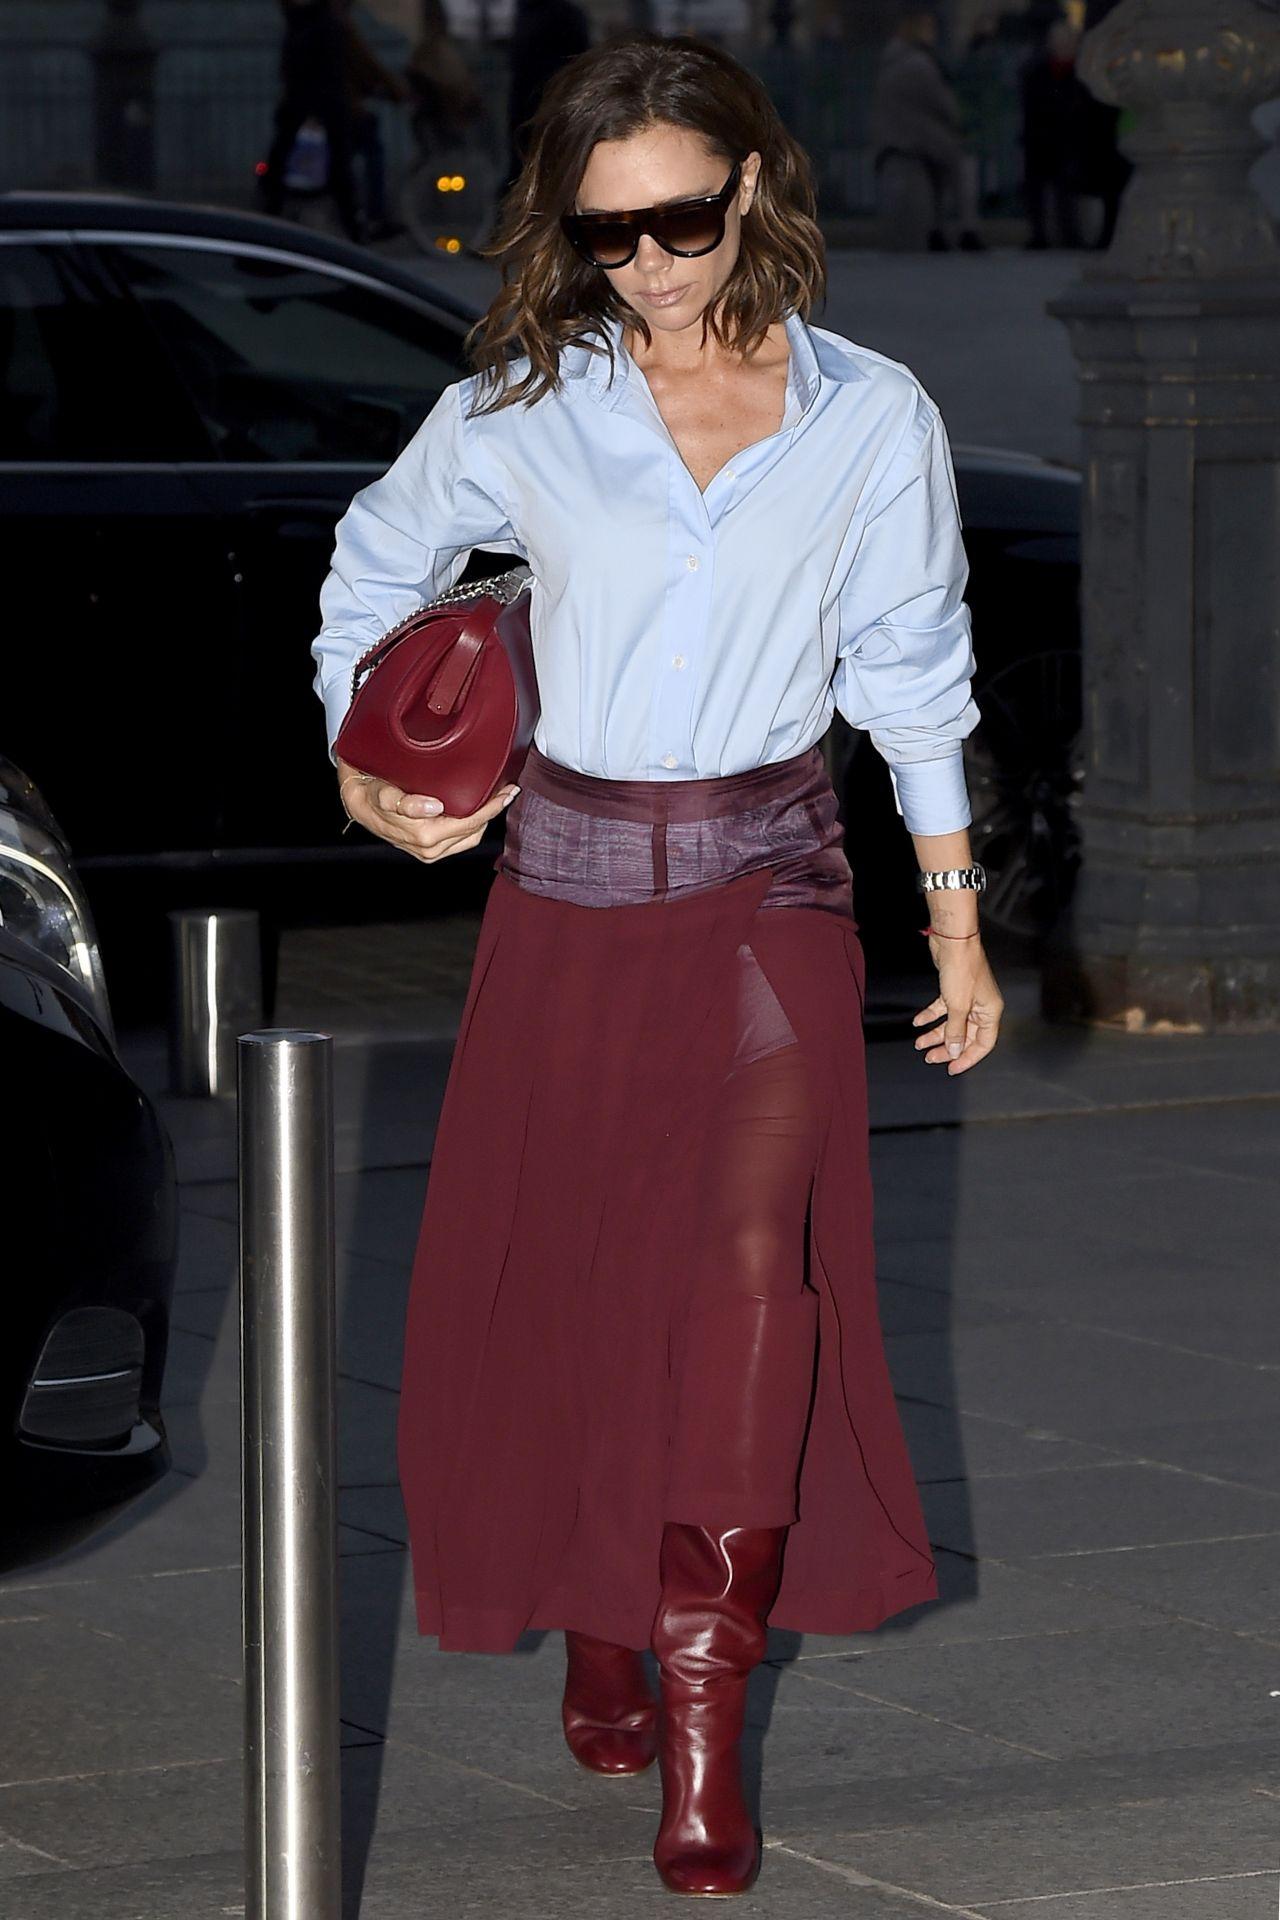 Victoria Beckham Style  Returns to Her Paris Hotel 310 2017